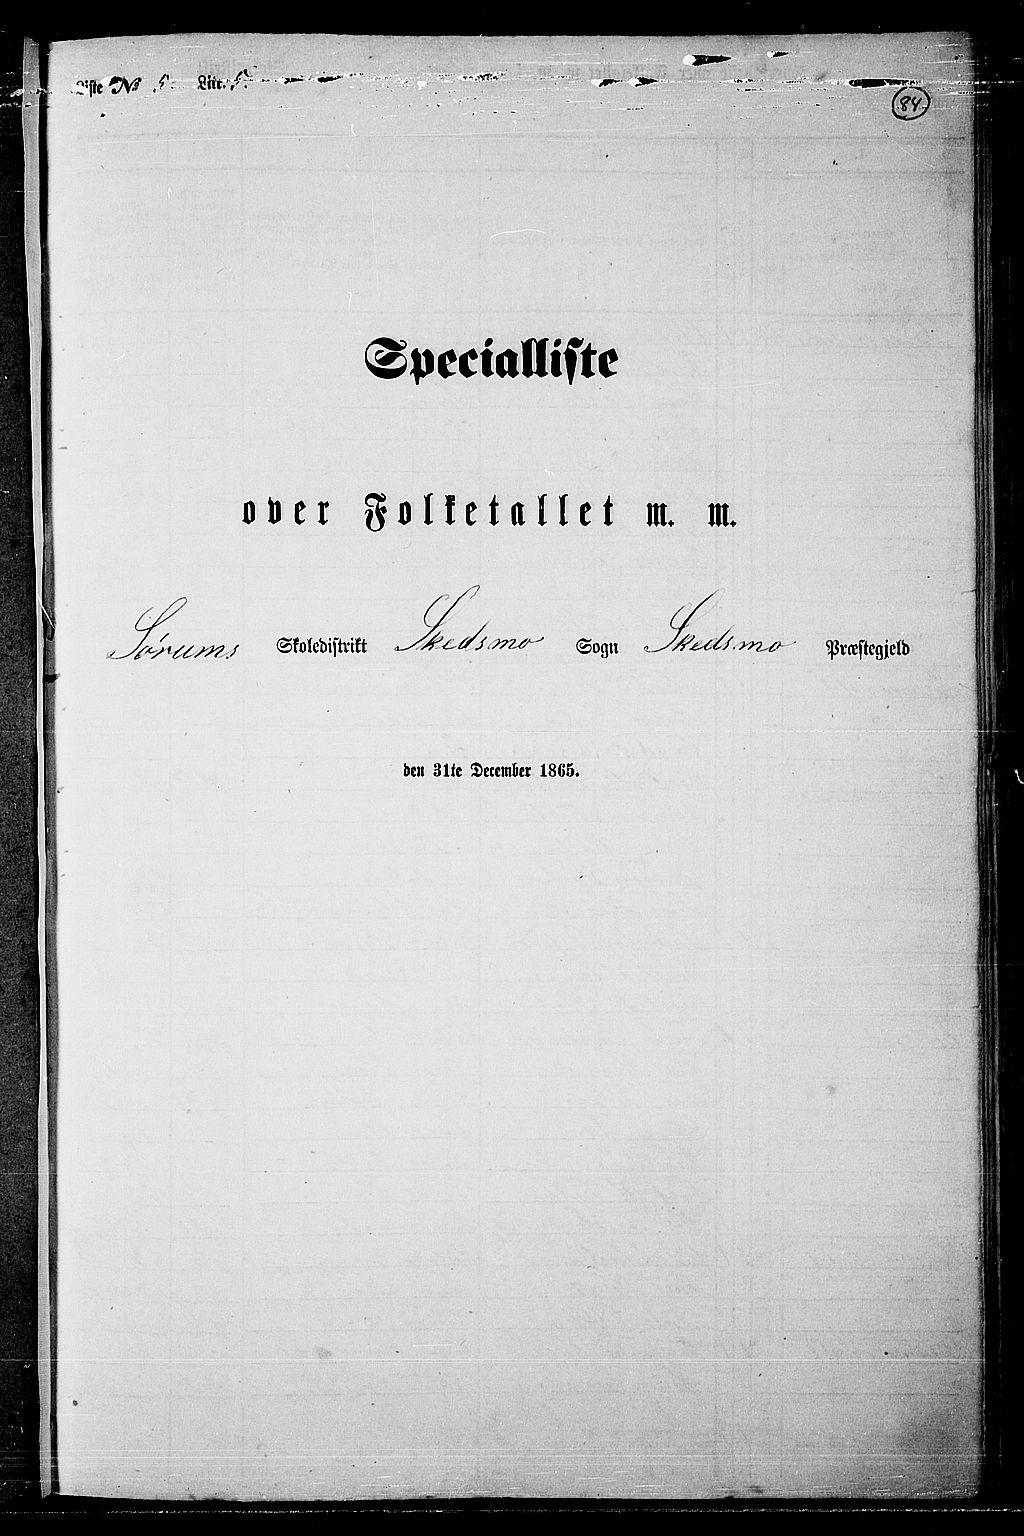 RA, Folketelling 1865 for 0231P Skedsmo prestegjeld, 1865, s. 79